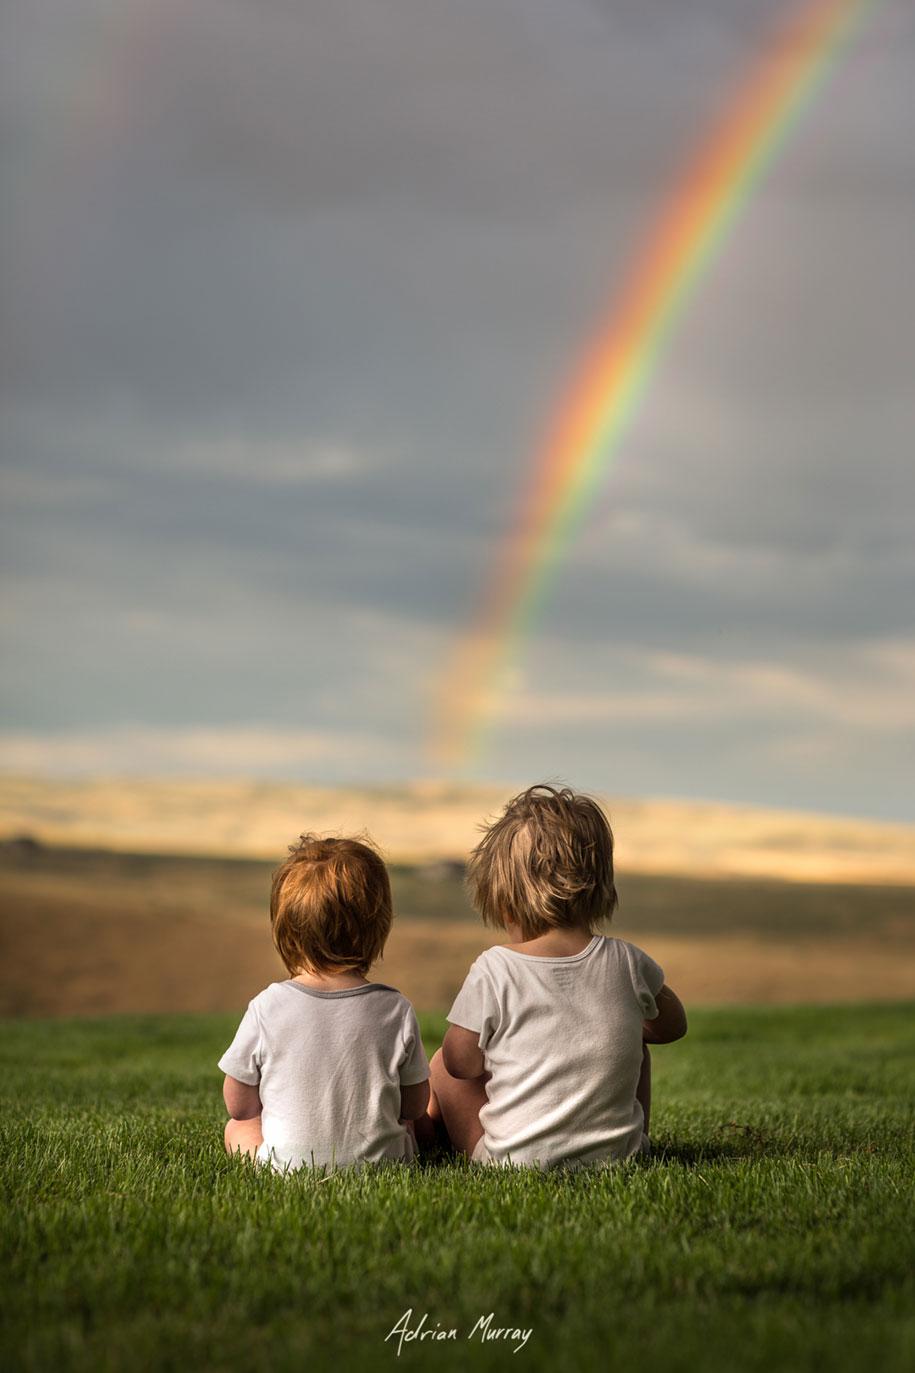 idyllic-summer-pictures-my-children-adrian-murray-16